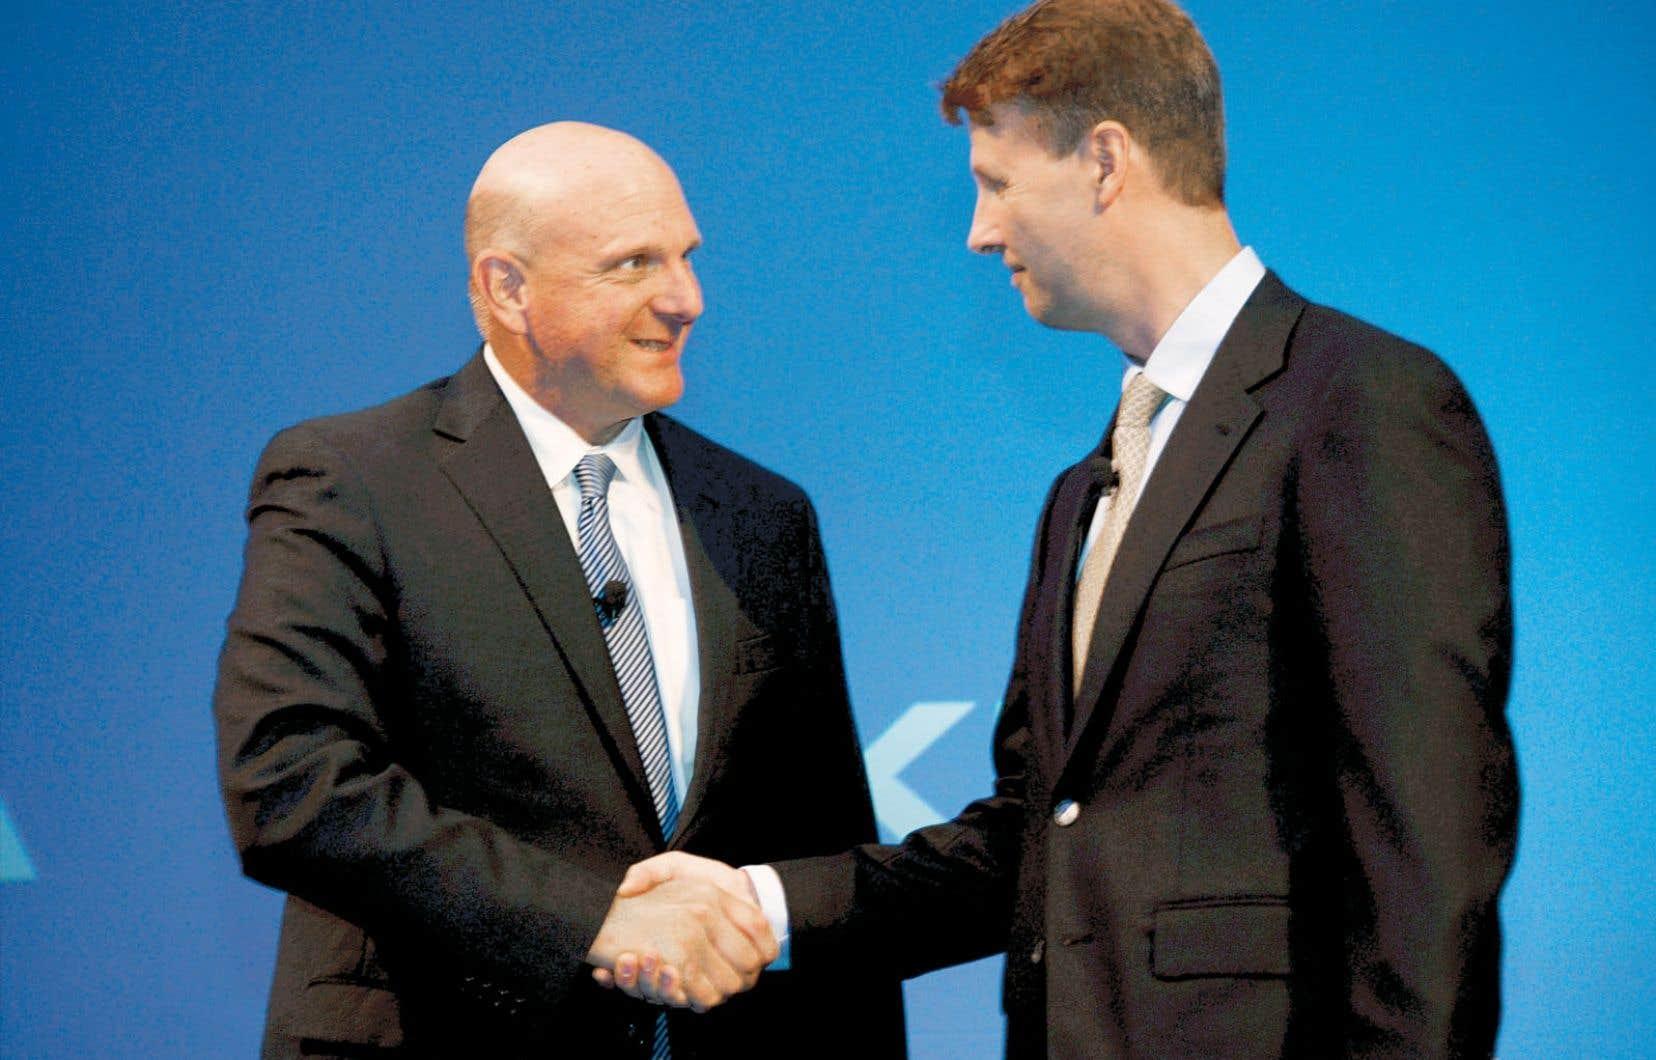 Steve Balmer, grand patron de Microsoft, et Risto Siilasmaa, président du conseil d'administration de Nokia, au moment de sceller leur entente.